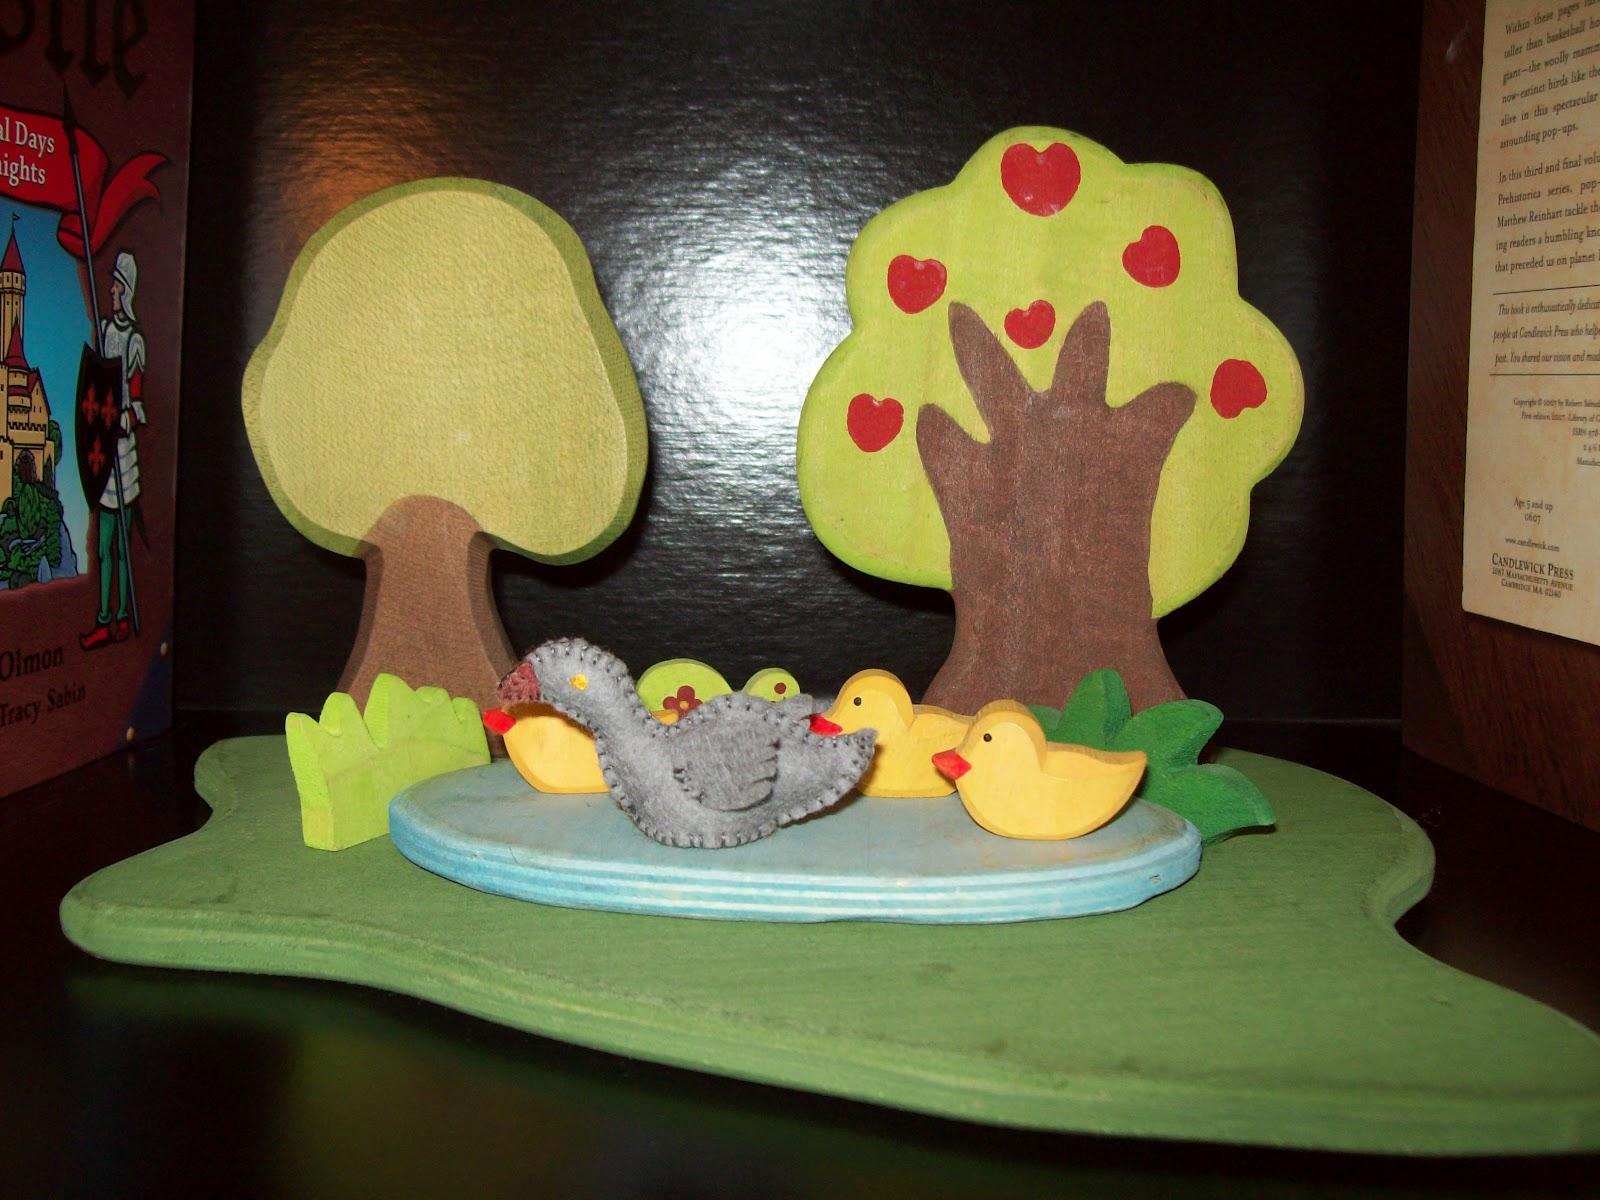 april u0027s homemaking 52 weeks of fairy tales week 8 the ugly duckling